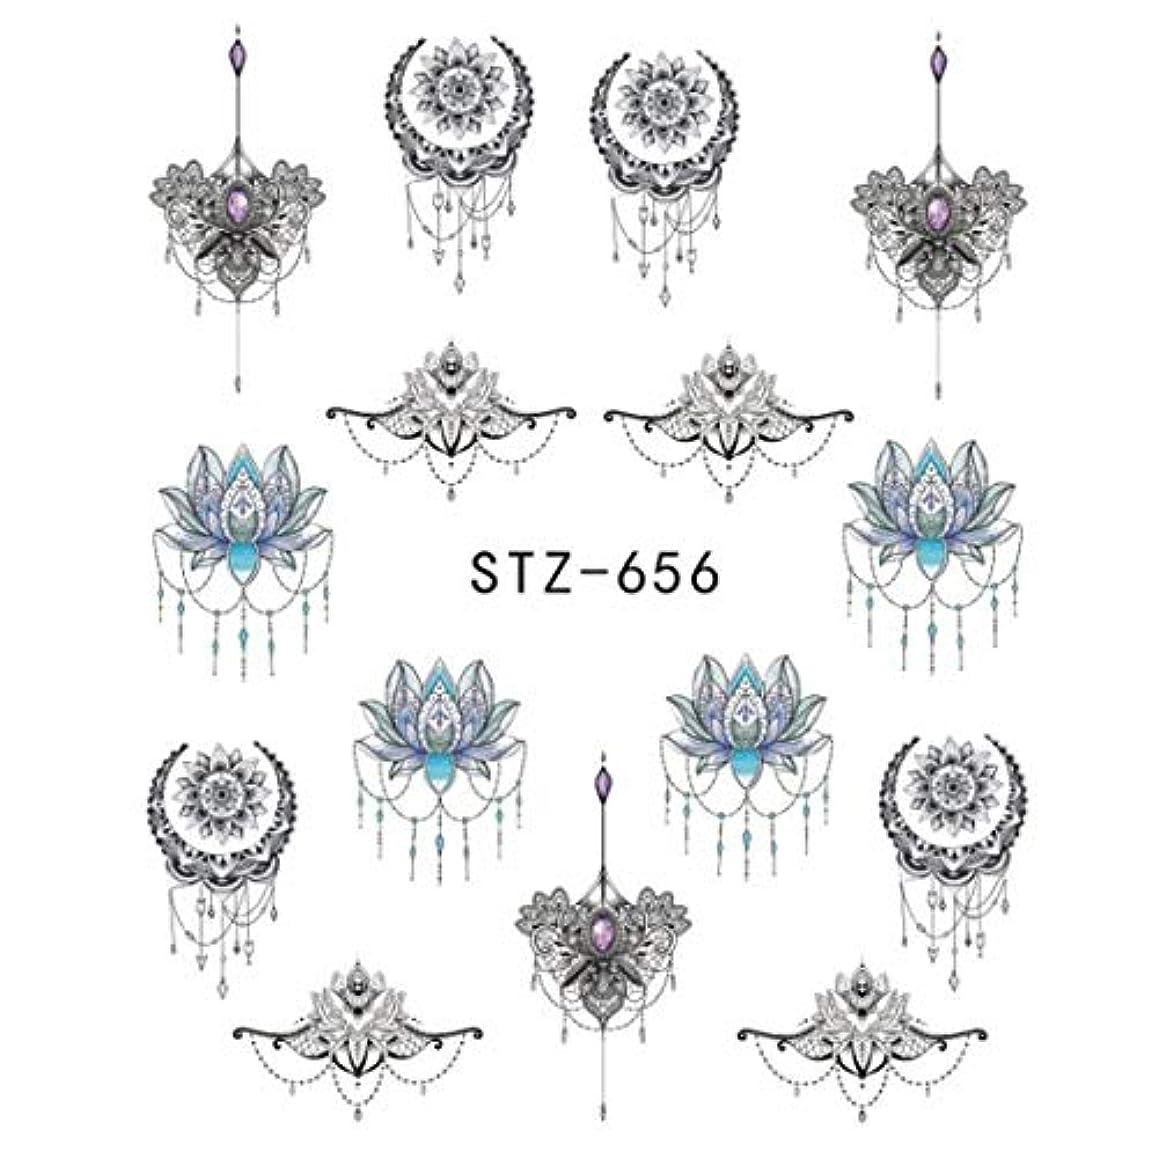 現実には任意位置づけるSUKTI&XIAO ネイルステッカー 1ピースゴージャスネックレスブラックレッドブルーステッカーネイルアートタトゥー水爪デザインネイルステッカー、Stz656